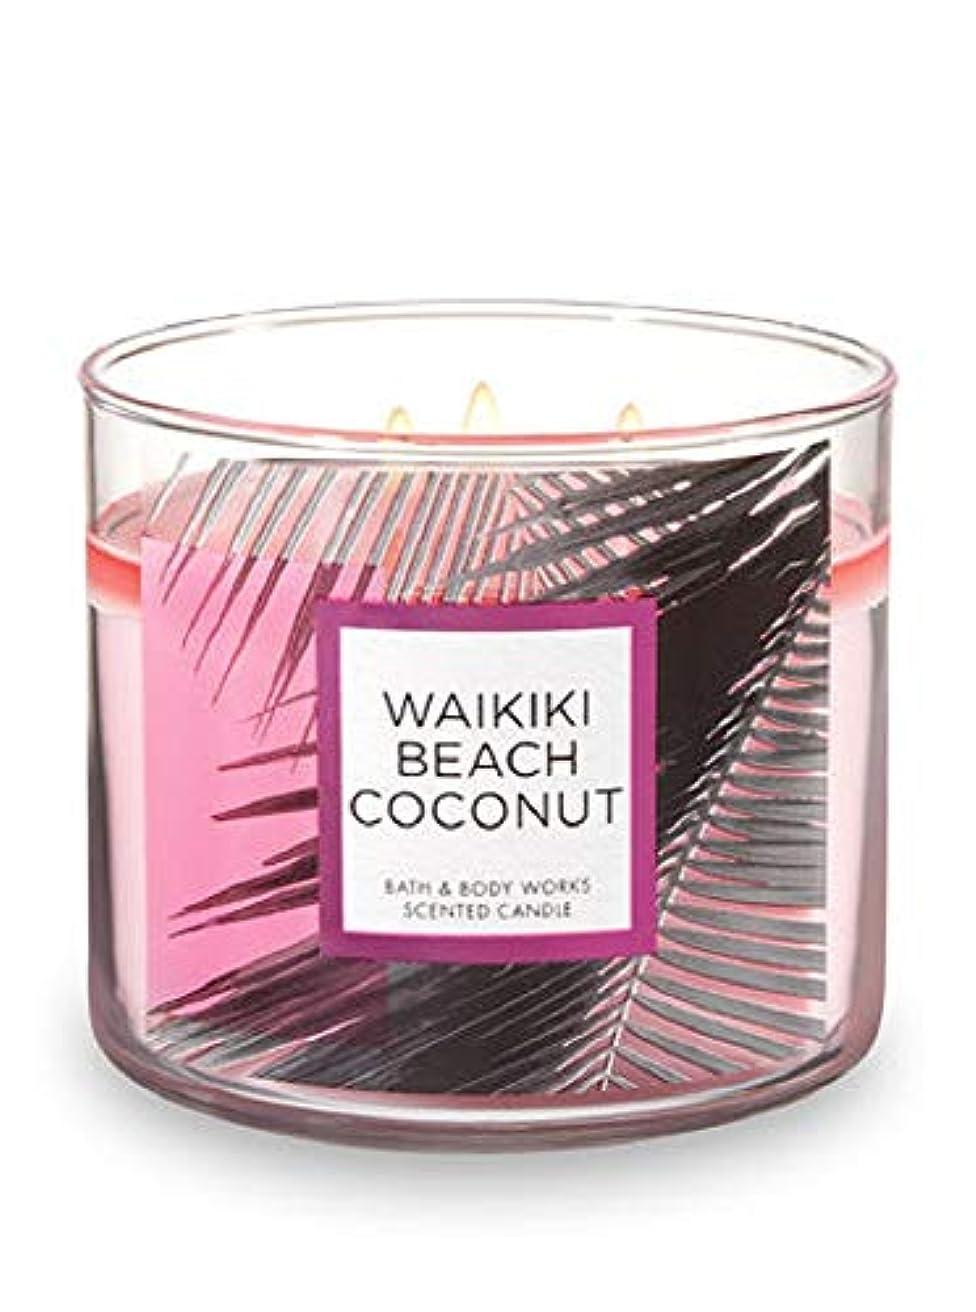 リサイクルする血統簡単なBath and Body Works 3 Wick Scented Waikiki Beach Coconut 430ml with Essential Oils